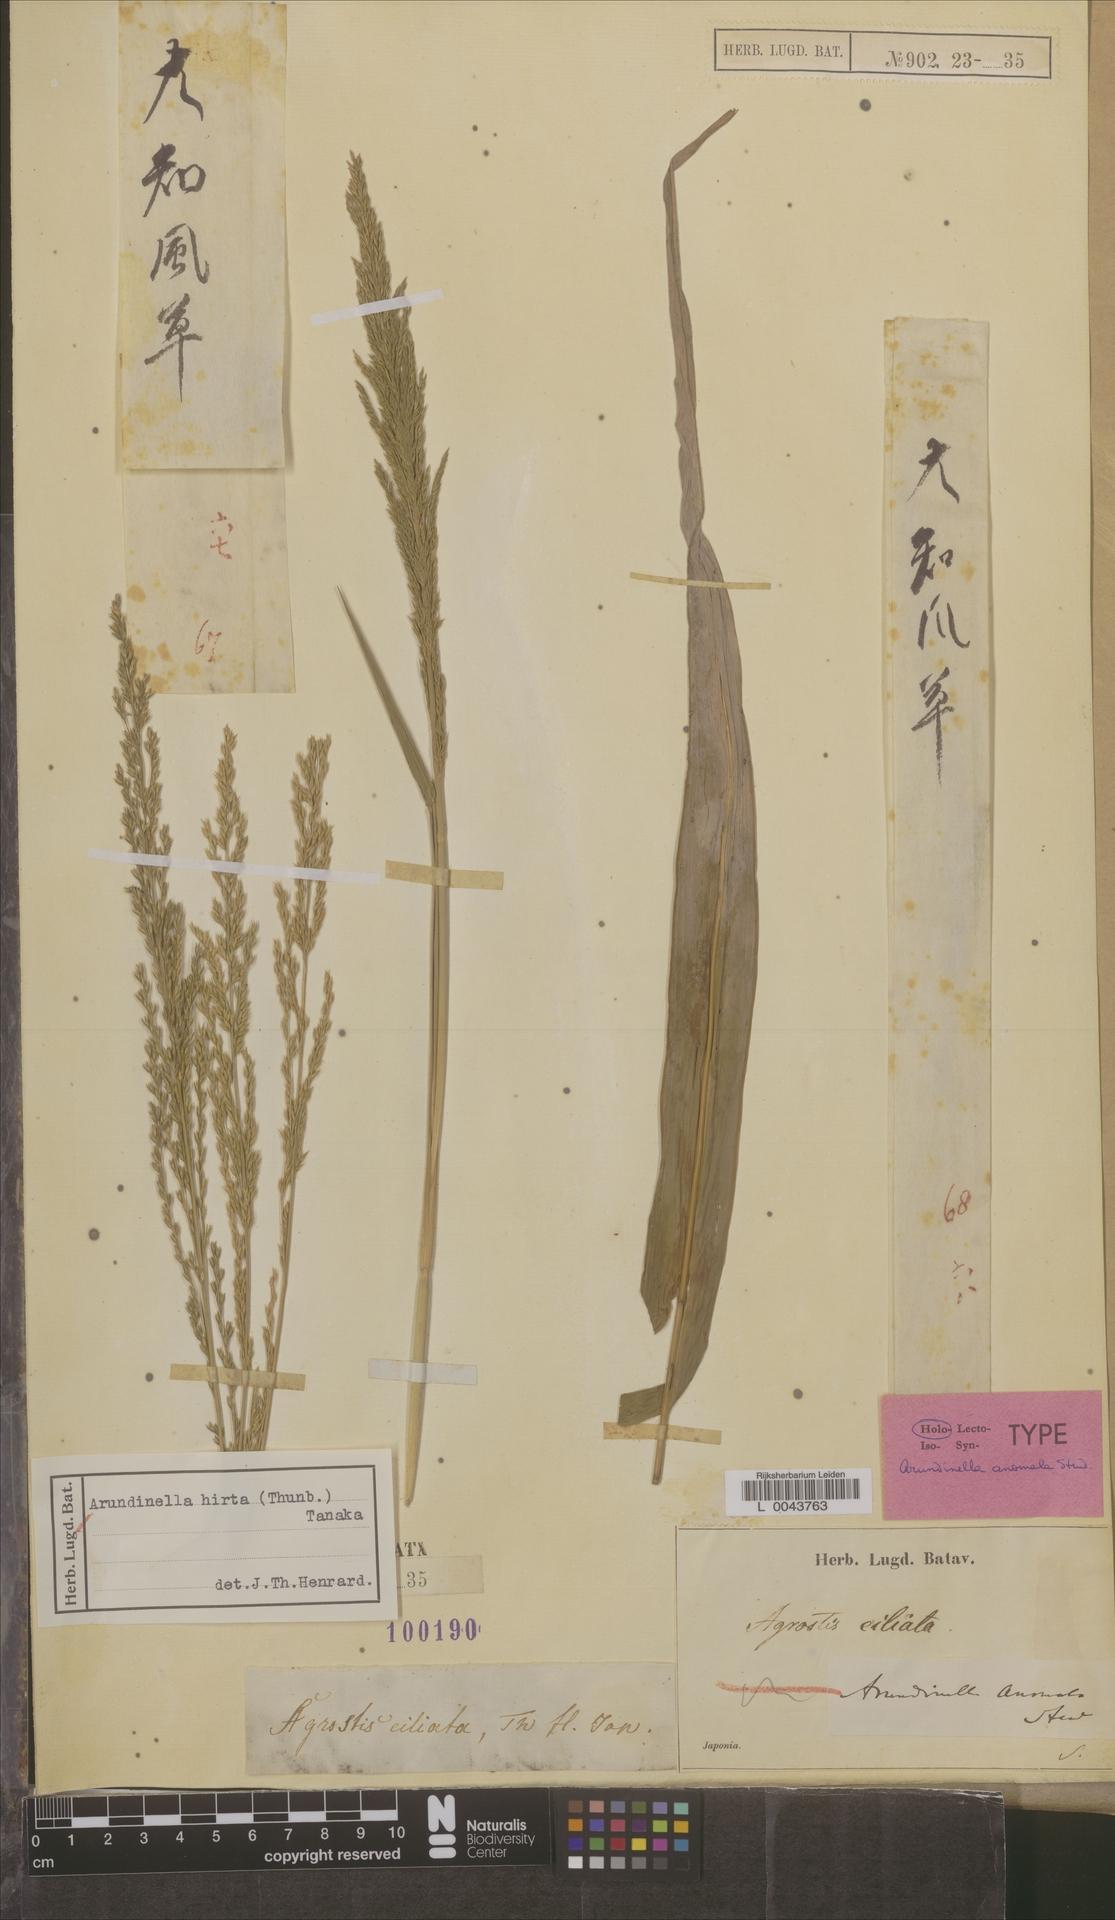 L  0043763 | Arundinella hirta (Thunb.) Tanaka